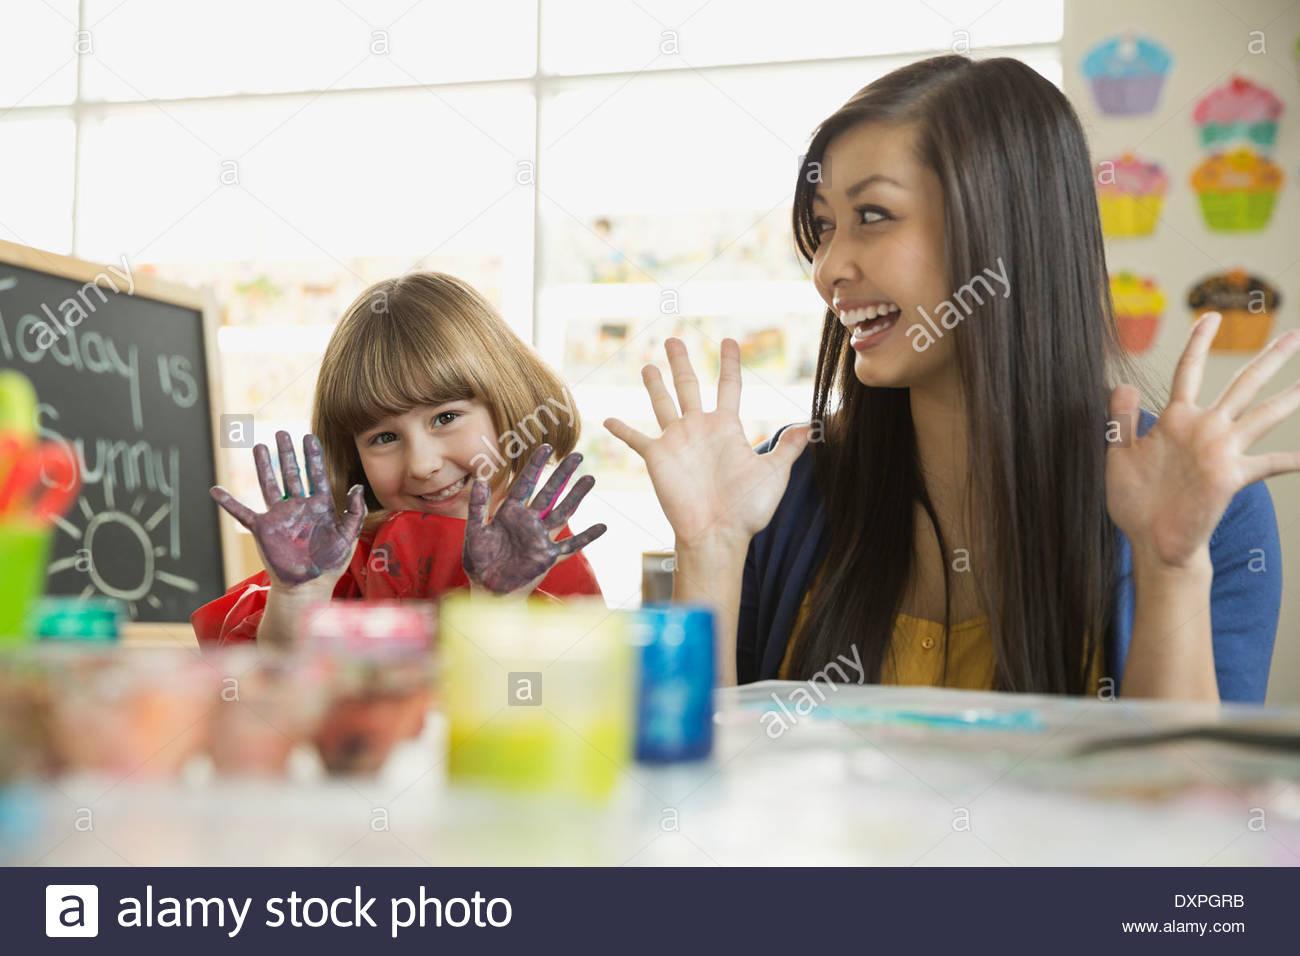 Insegnante con ragazza dito pittura in classe d'arte Immagini Stock